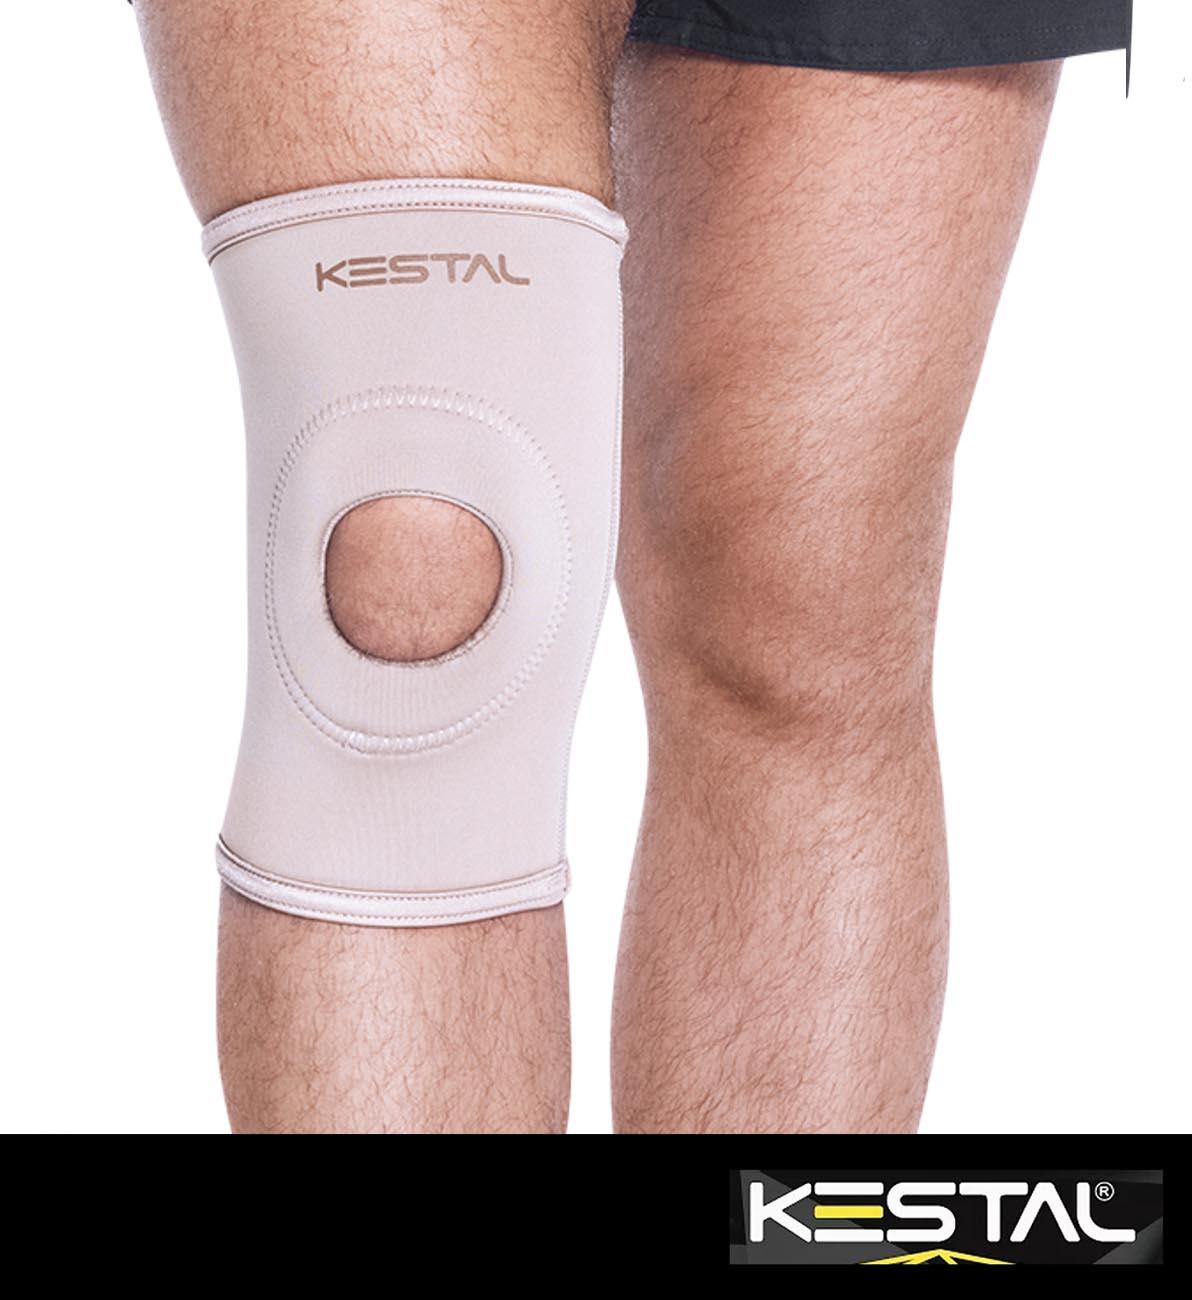 Joelheira Elástica Com Orifício e Reforço Patelar (KSN002) - Kestal